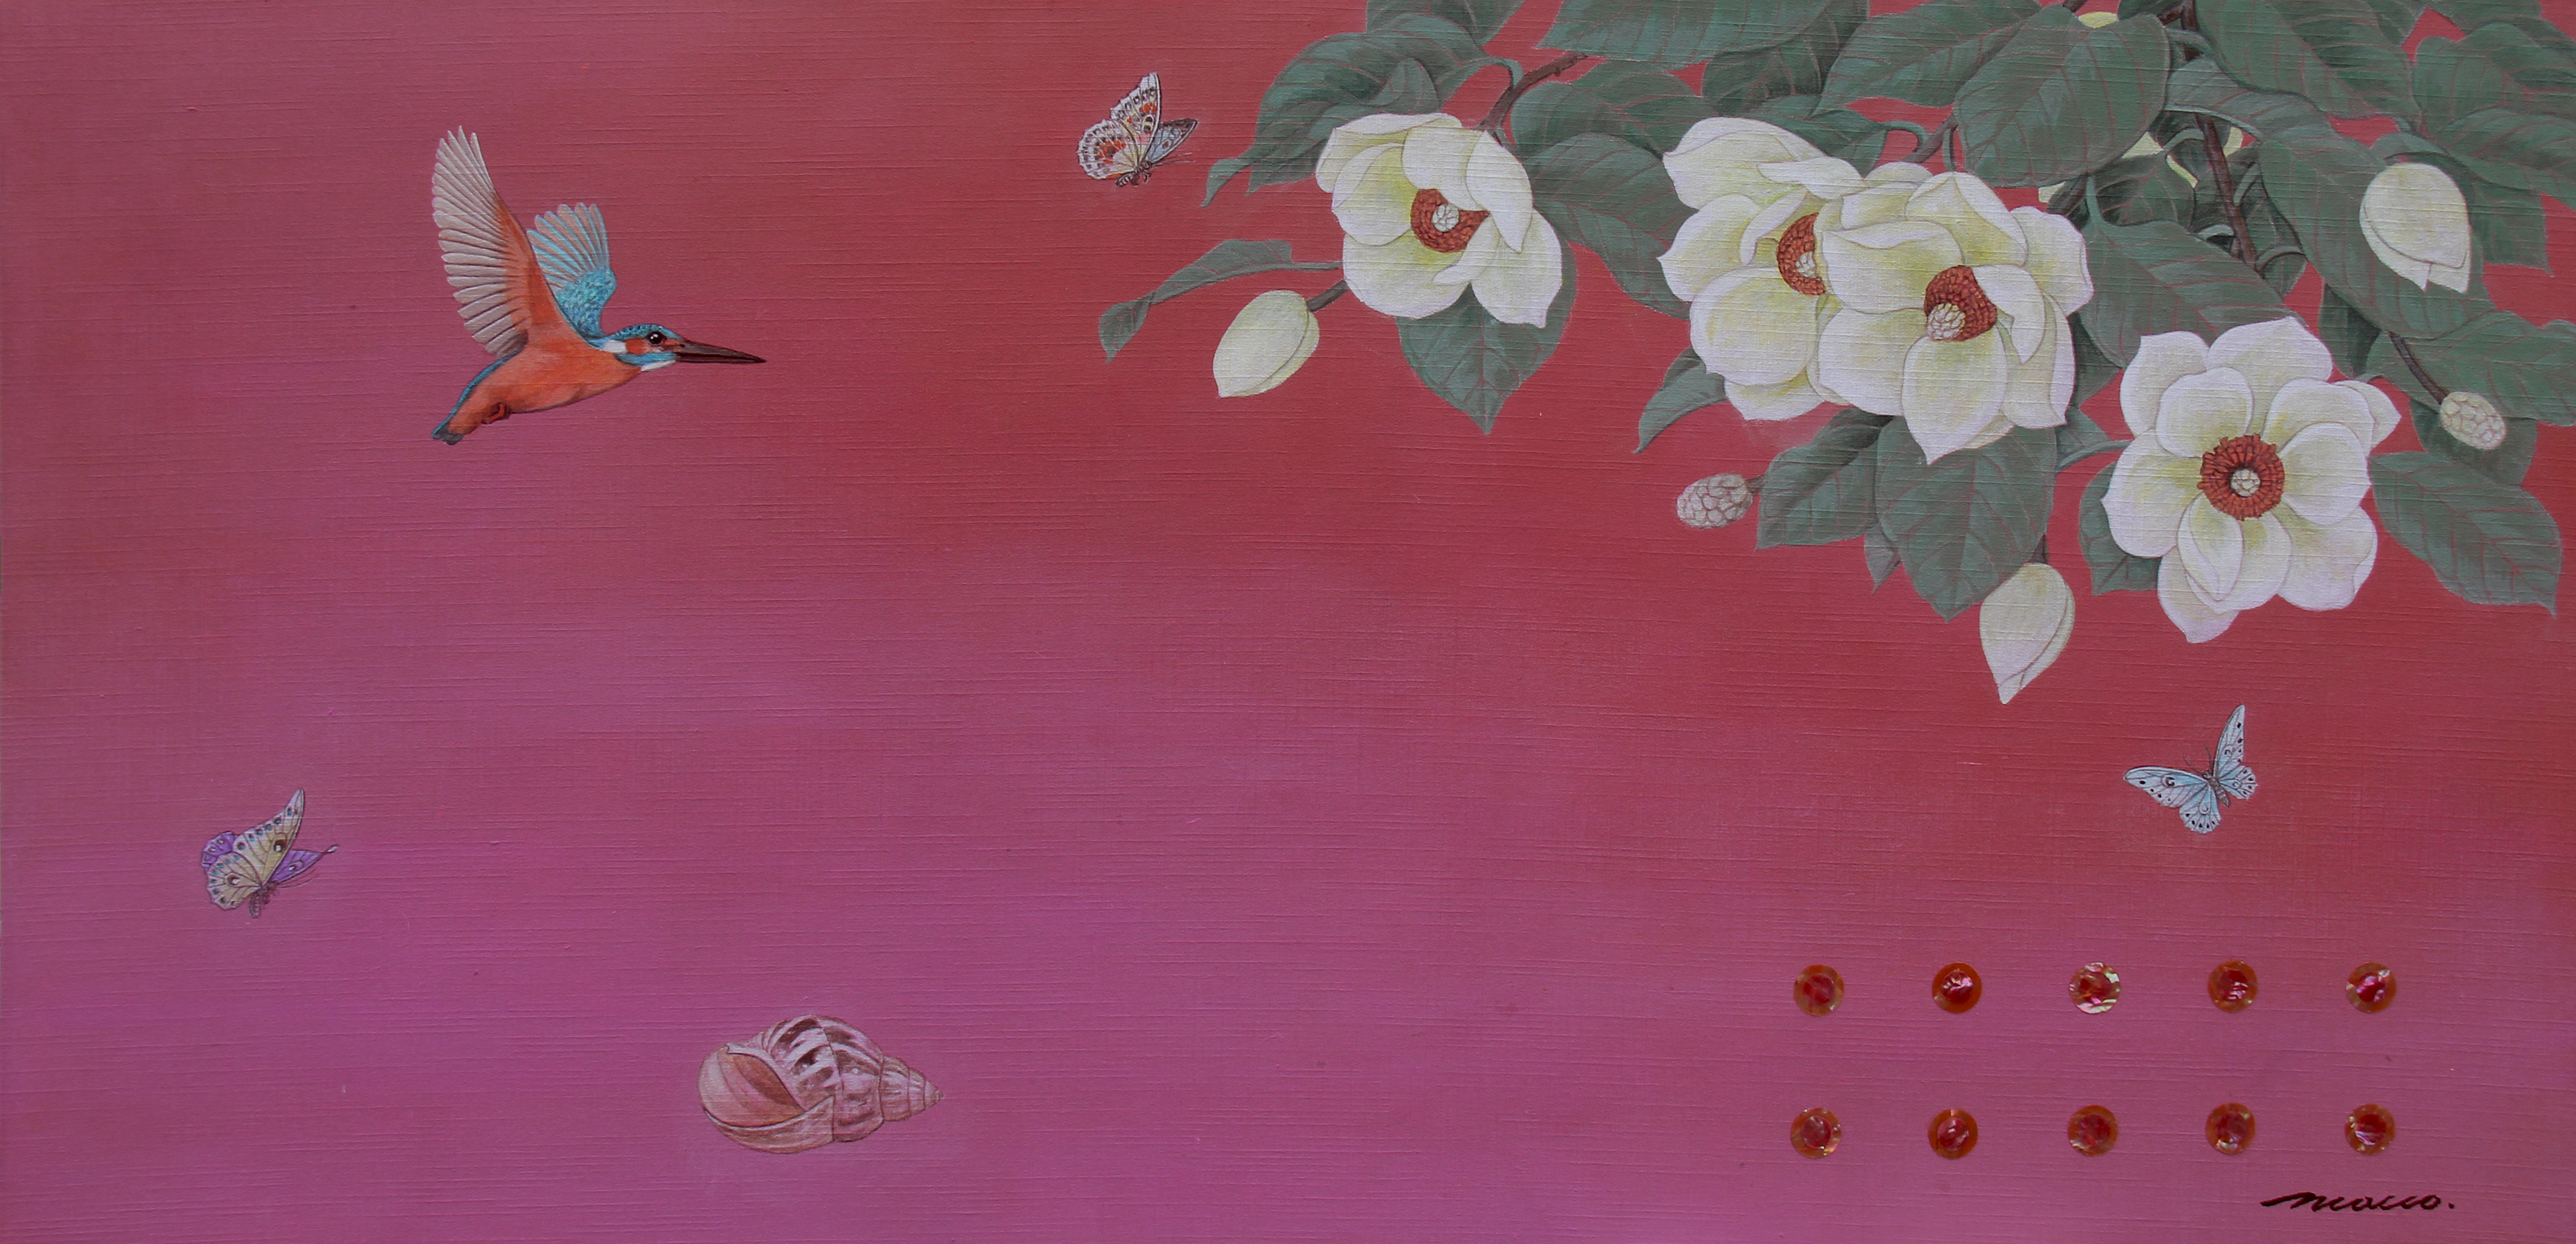 020, 조현동, 자연-순환-이야기, 110 x 53 cm, 천에 혼합재